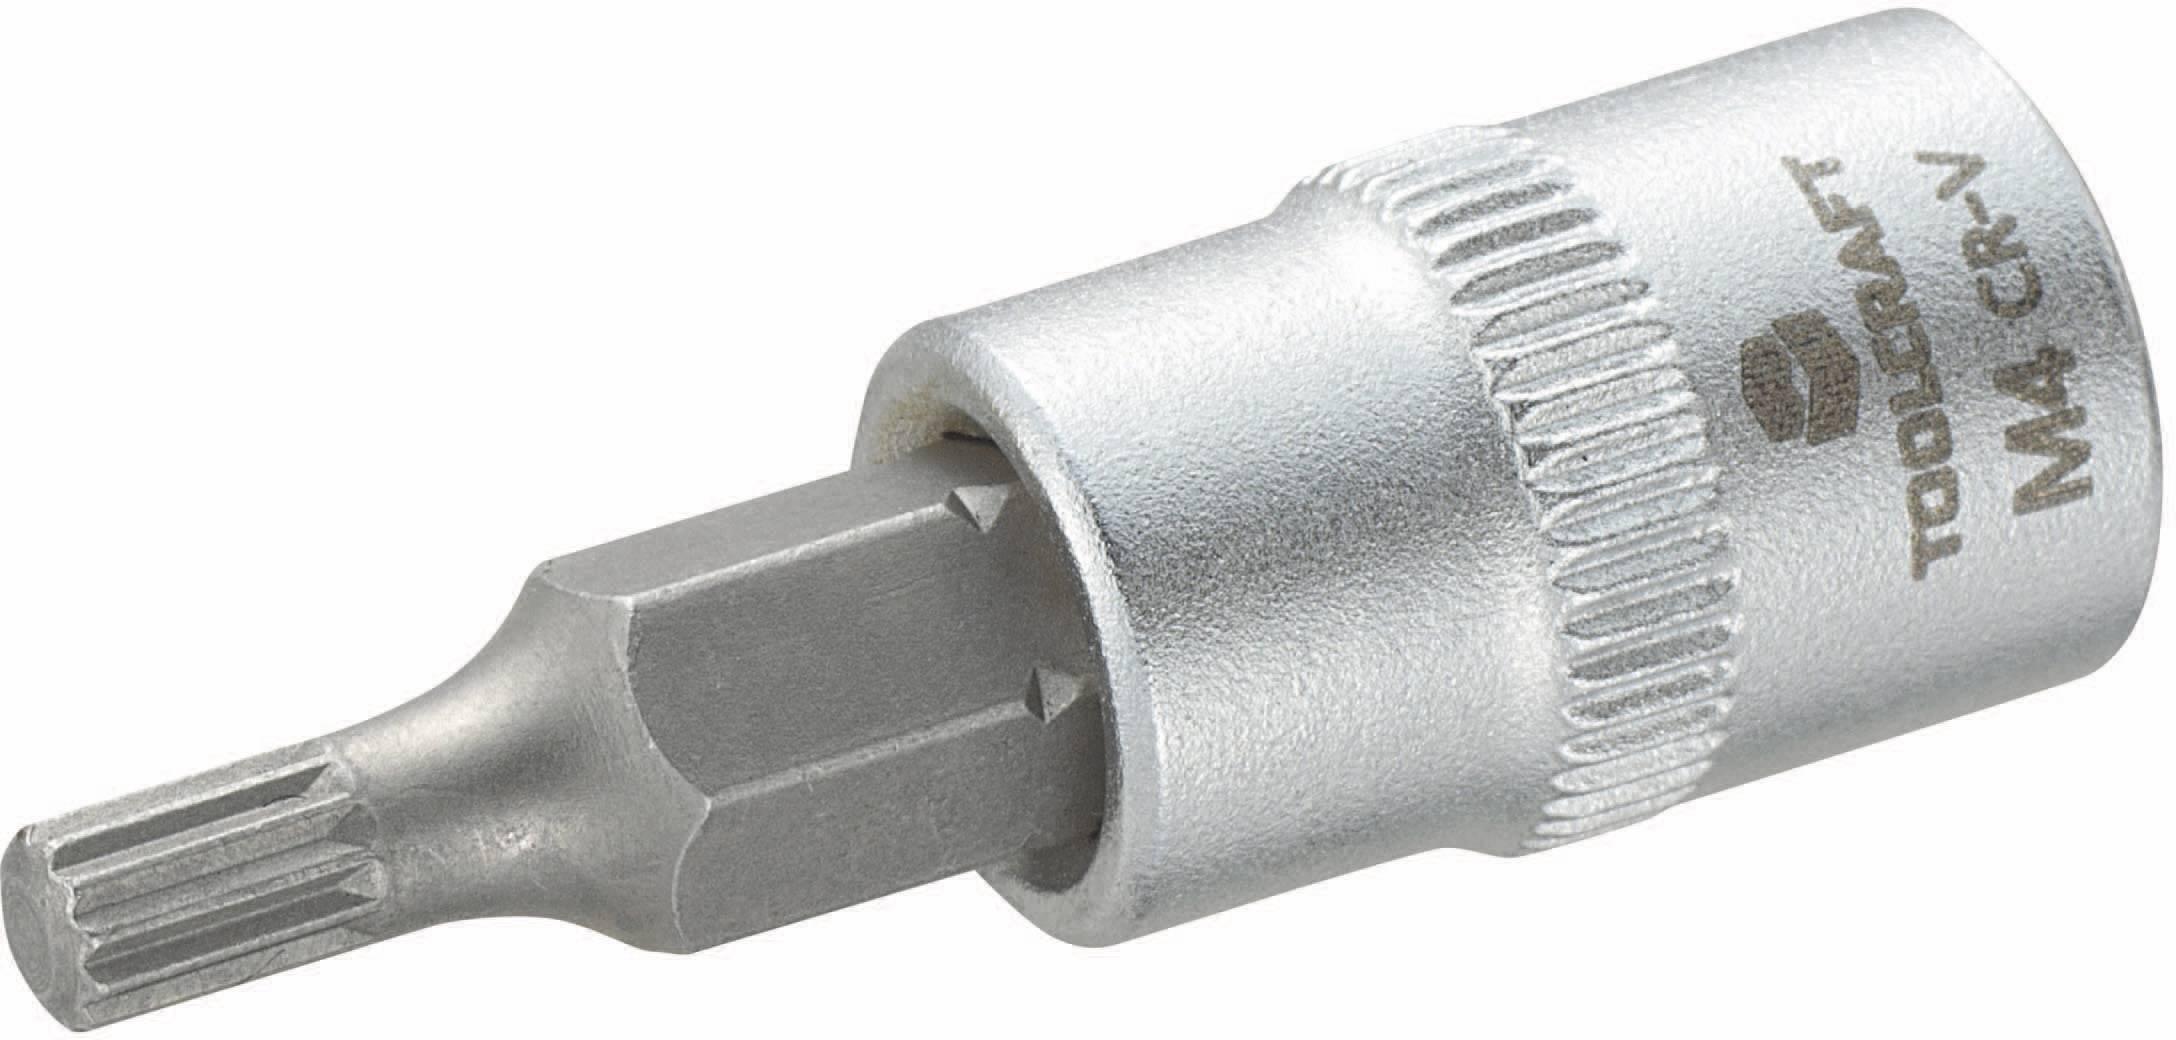 """Nástrčný kľúč TOOLCRAFT 816073, štvorzub (XZN), 1/4"""" (6,3 mm), 4 mm, chróm-vanadiová oceľ"""